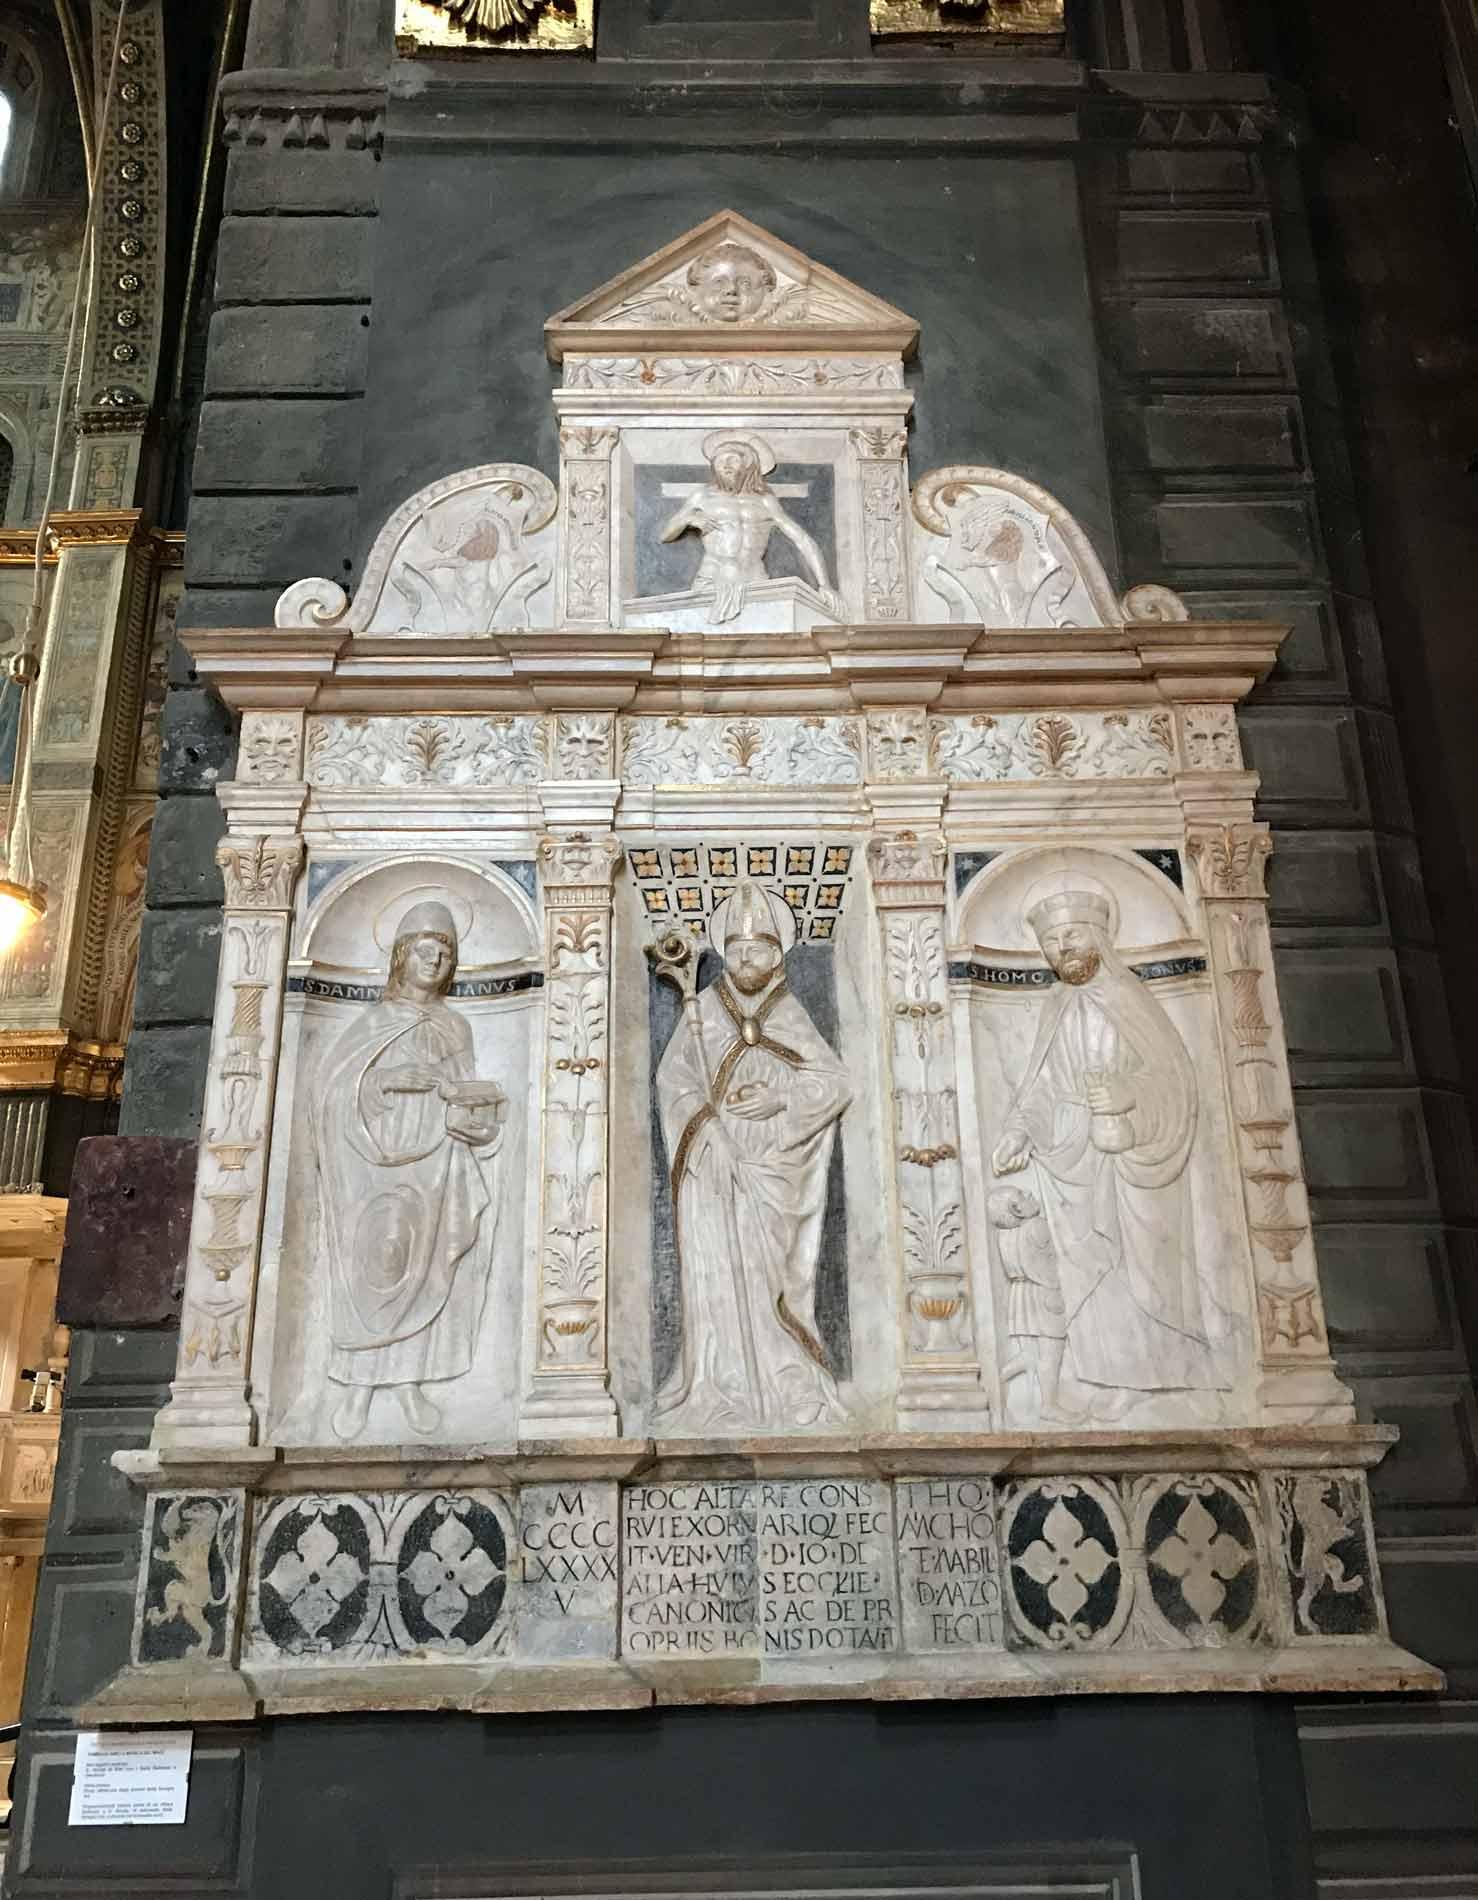 Cattedrale-di-Cremona-interno-pollittico-medievale-marmo-bianco-santi